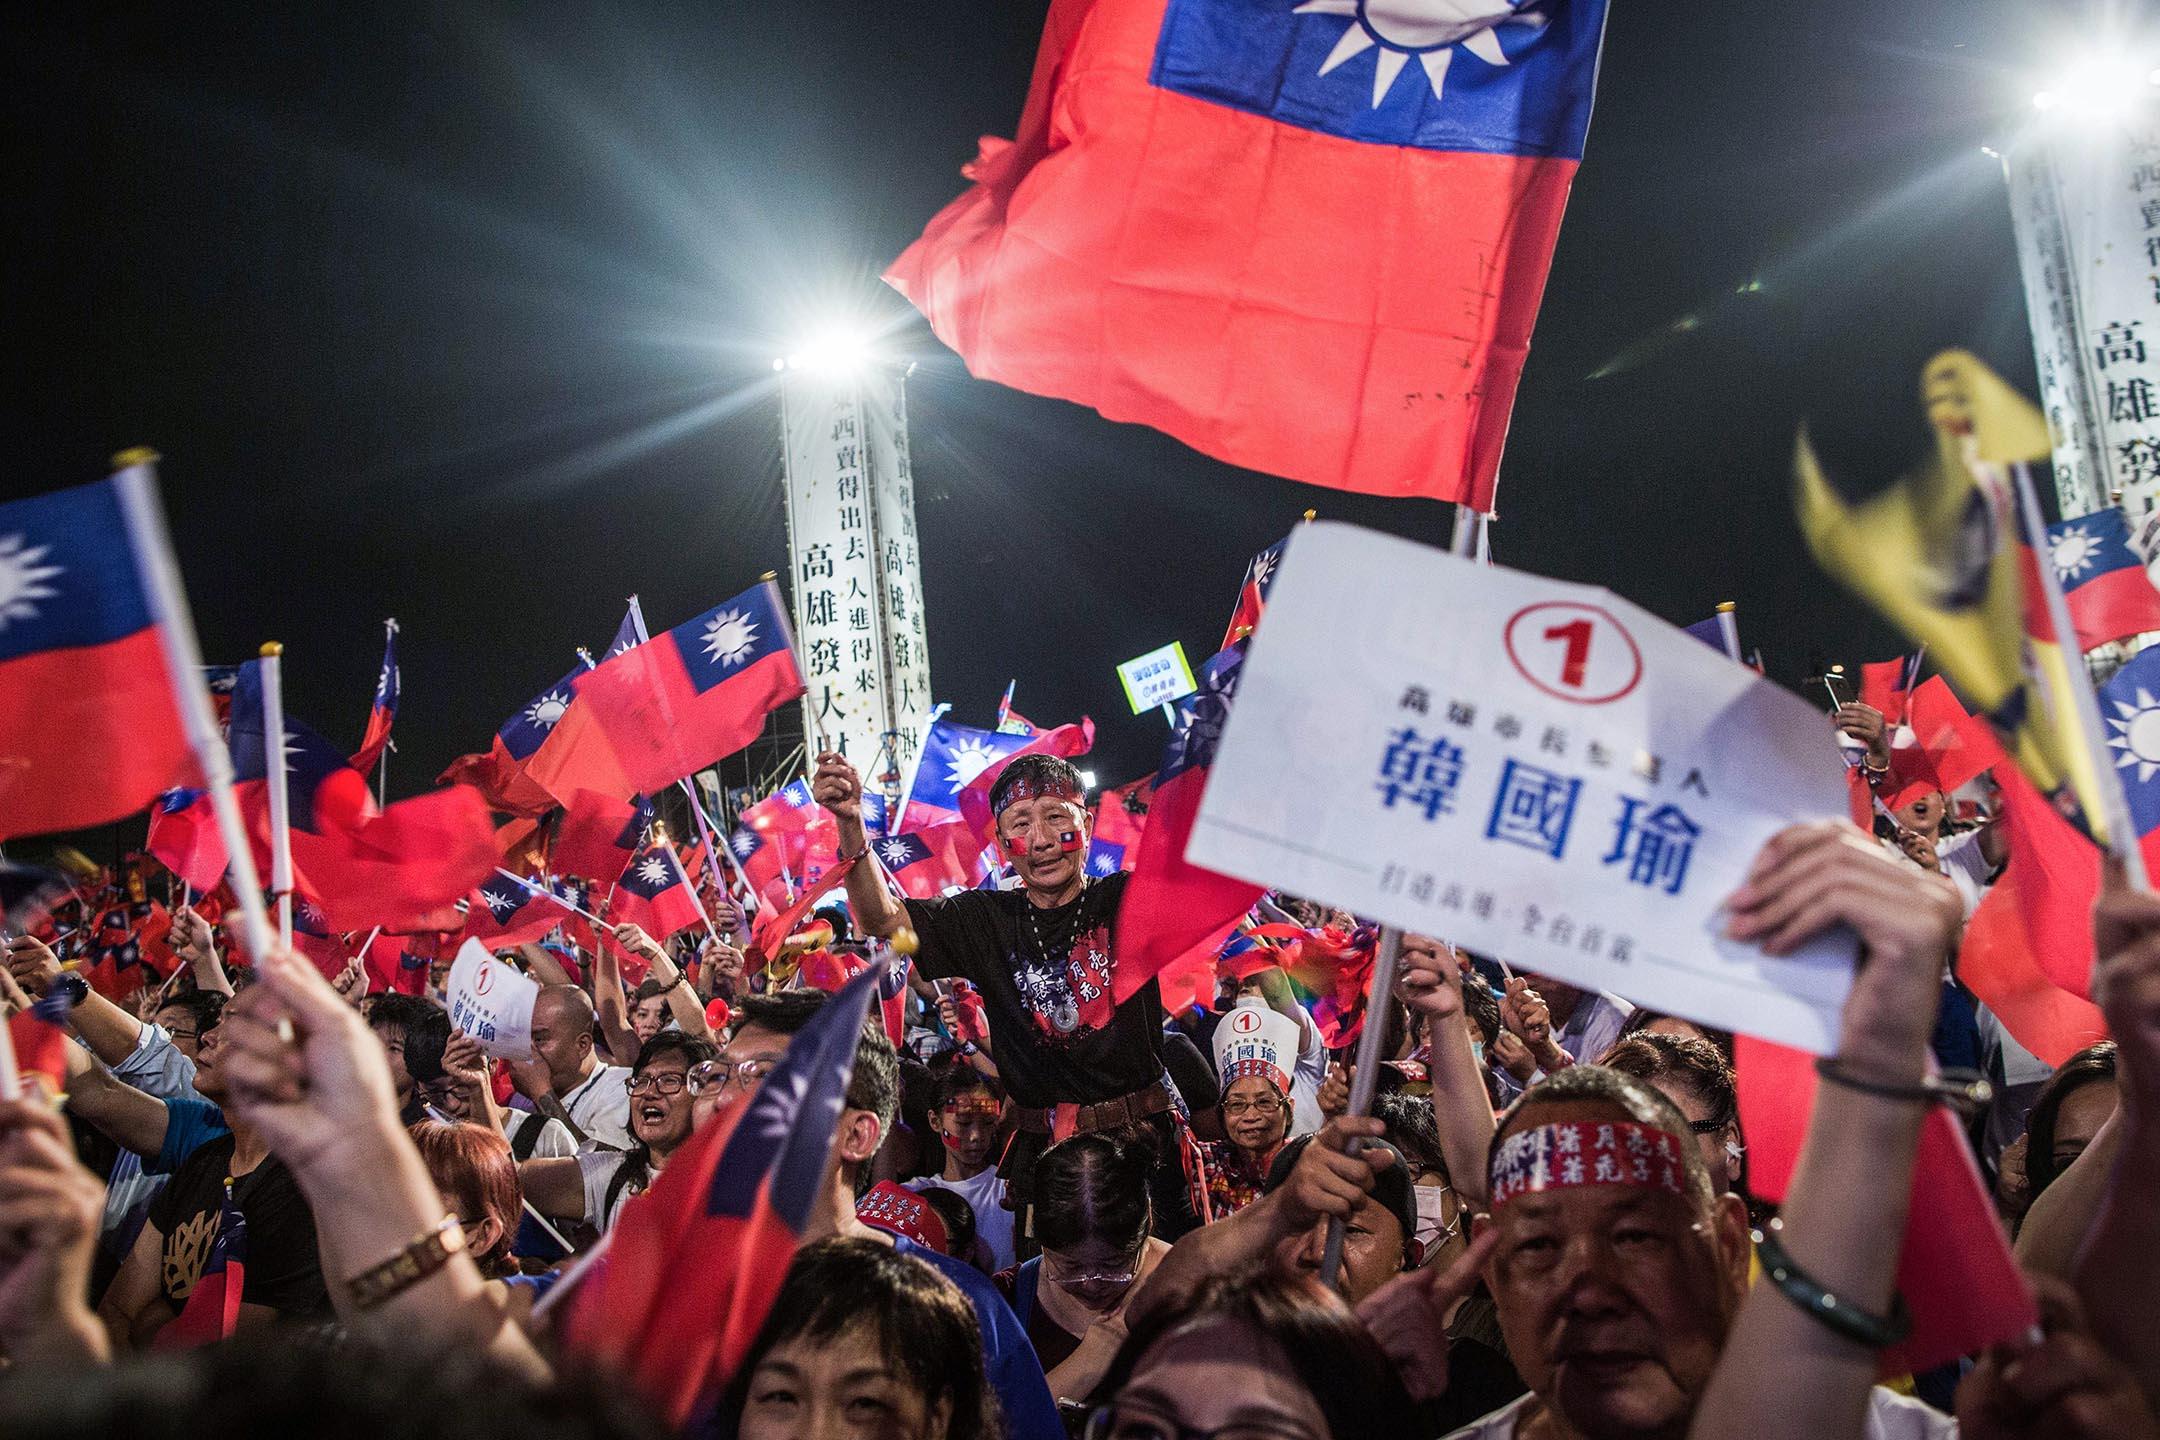 2018年11月18日,韓國瑜的支持者在高雄市長選舉的造勢晚會中。 攝:陳焯煇/端傳媒